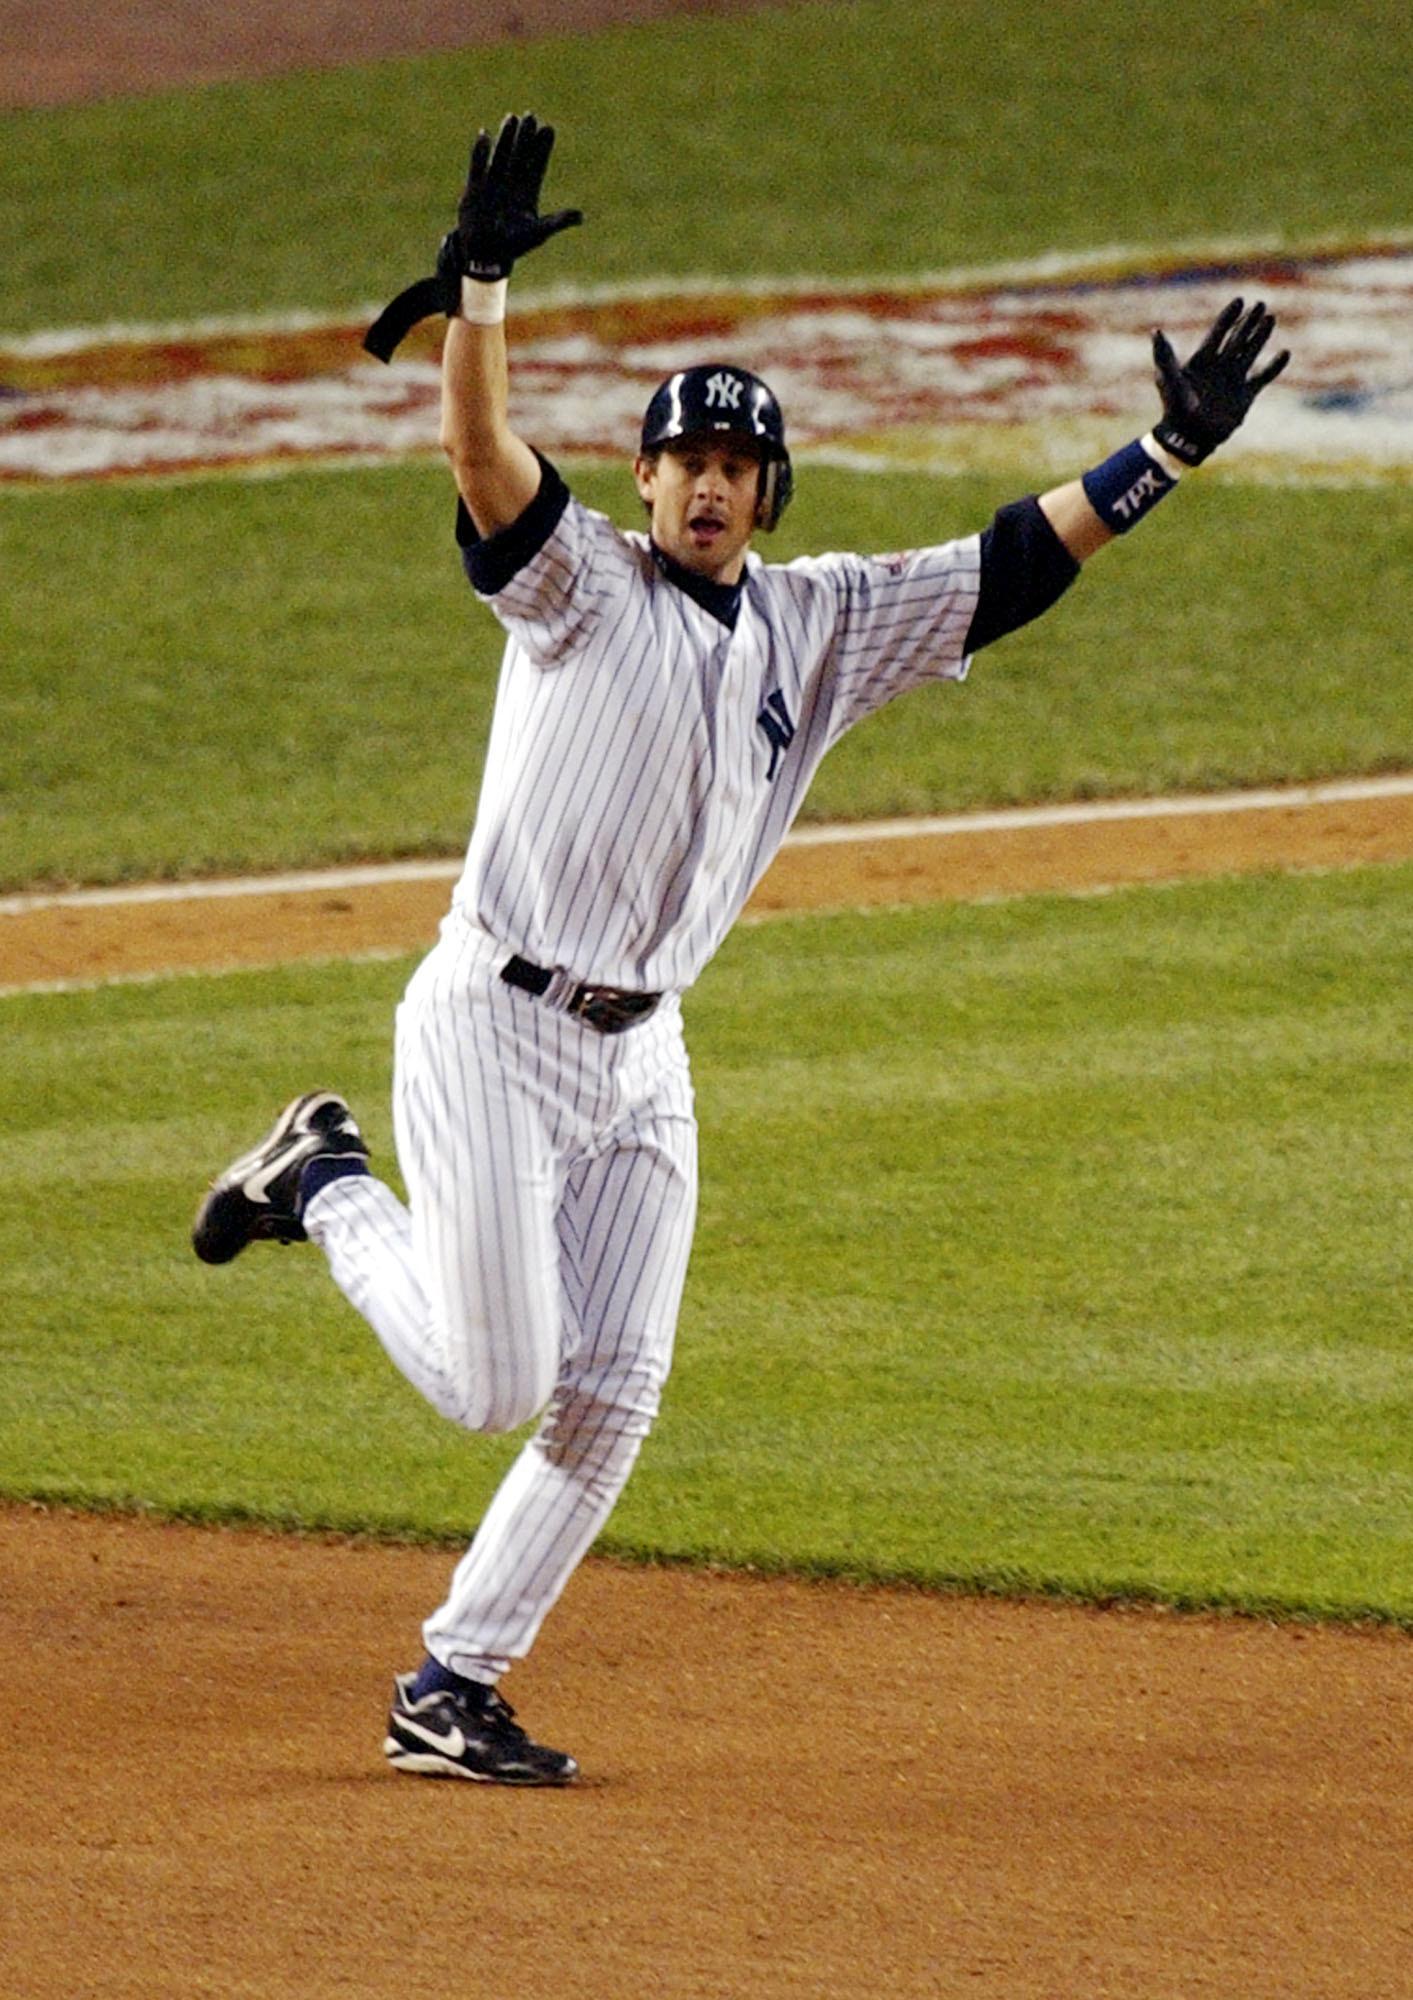 Yankees Boone Baseball_299278